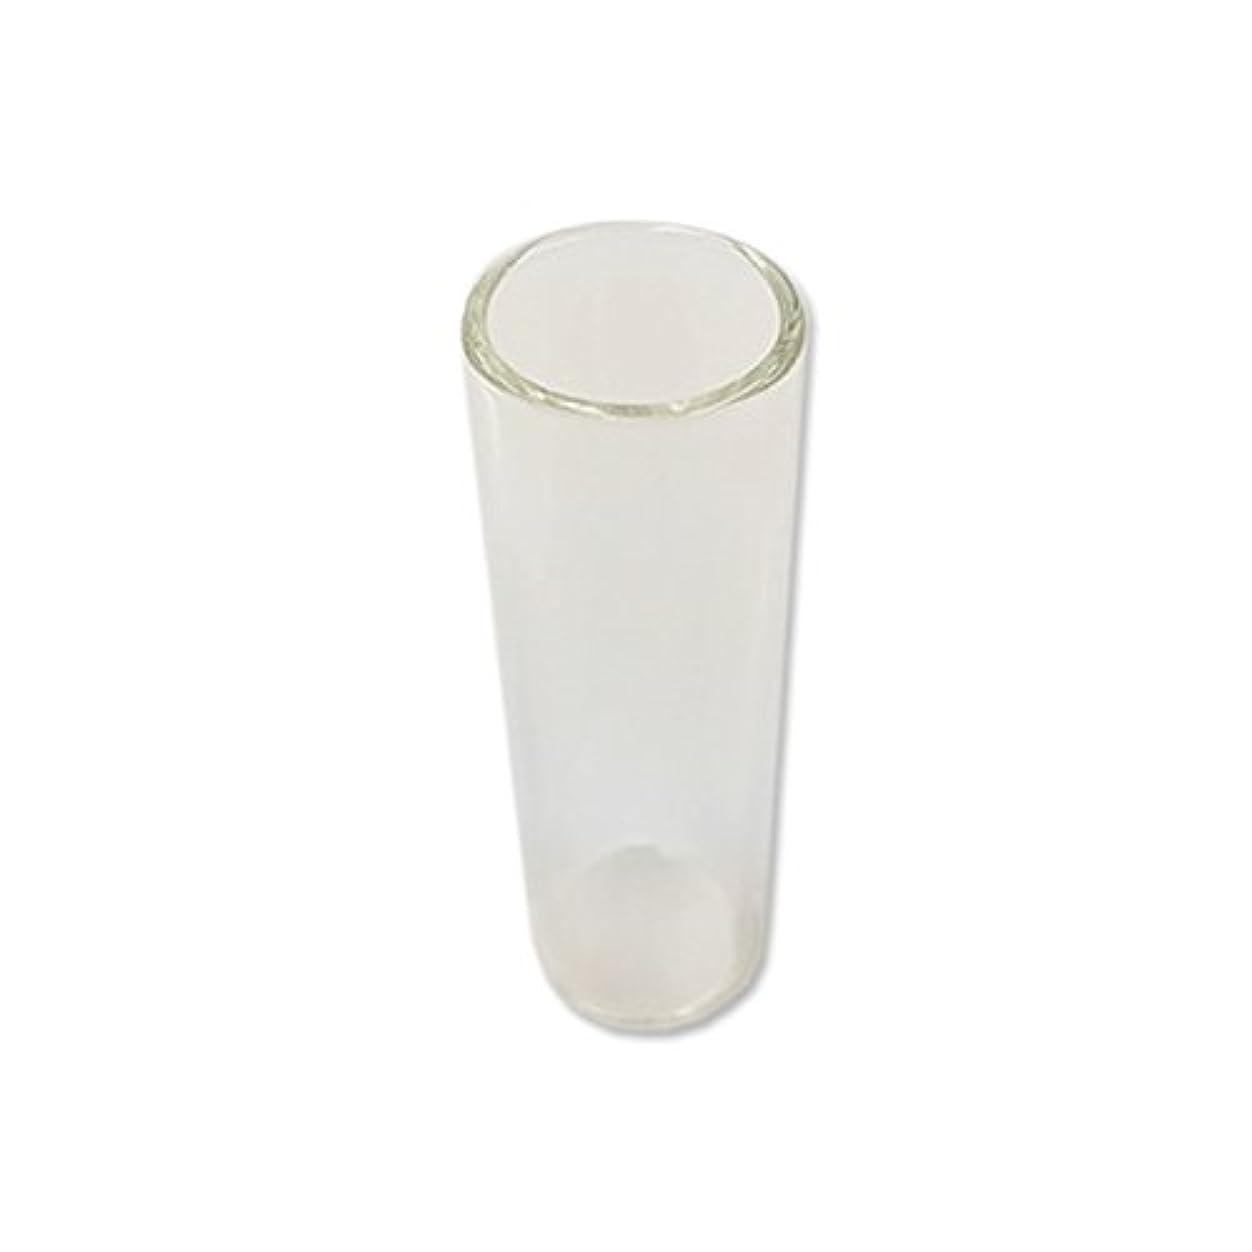 絡み合い中降雨コウケントー3号集光器用ガラス管